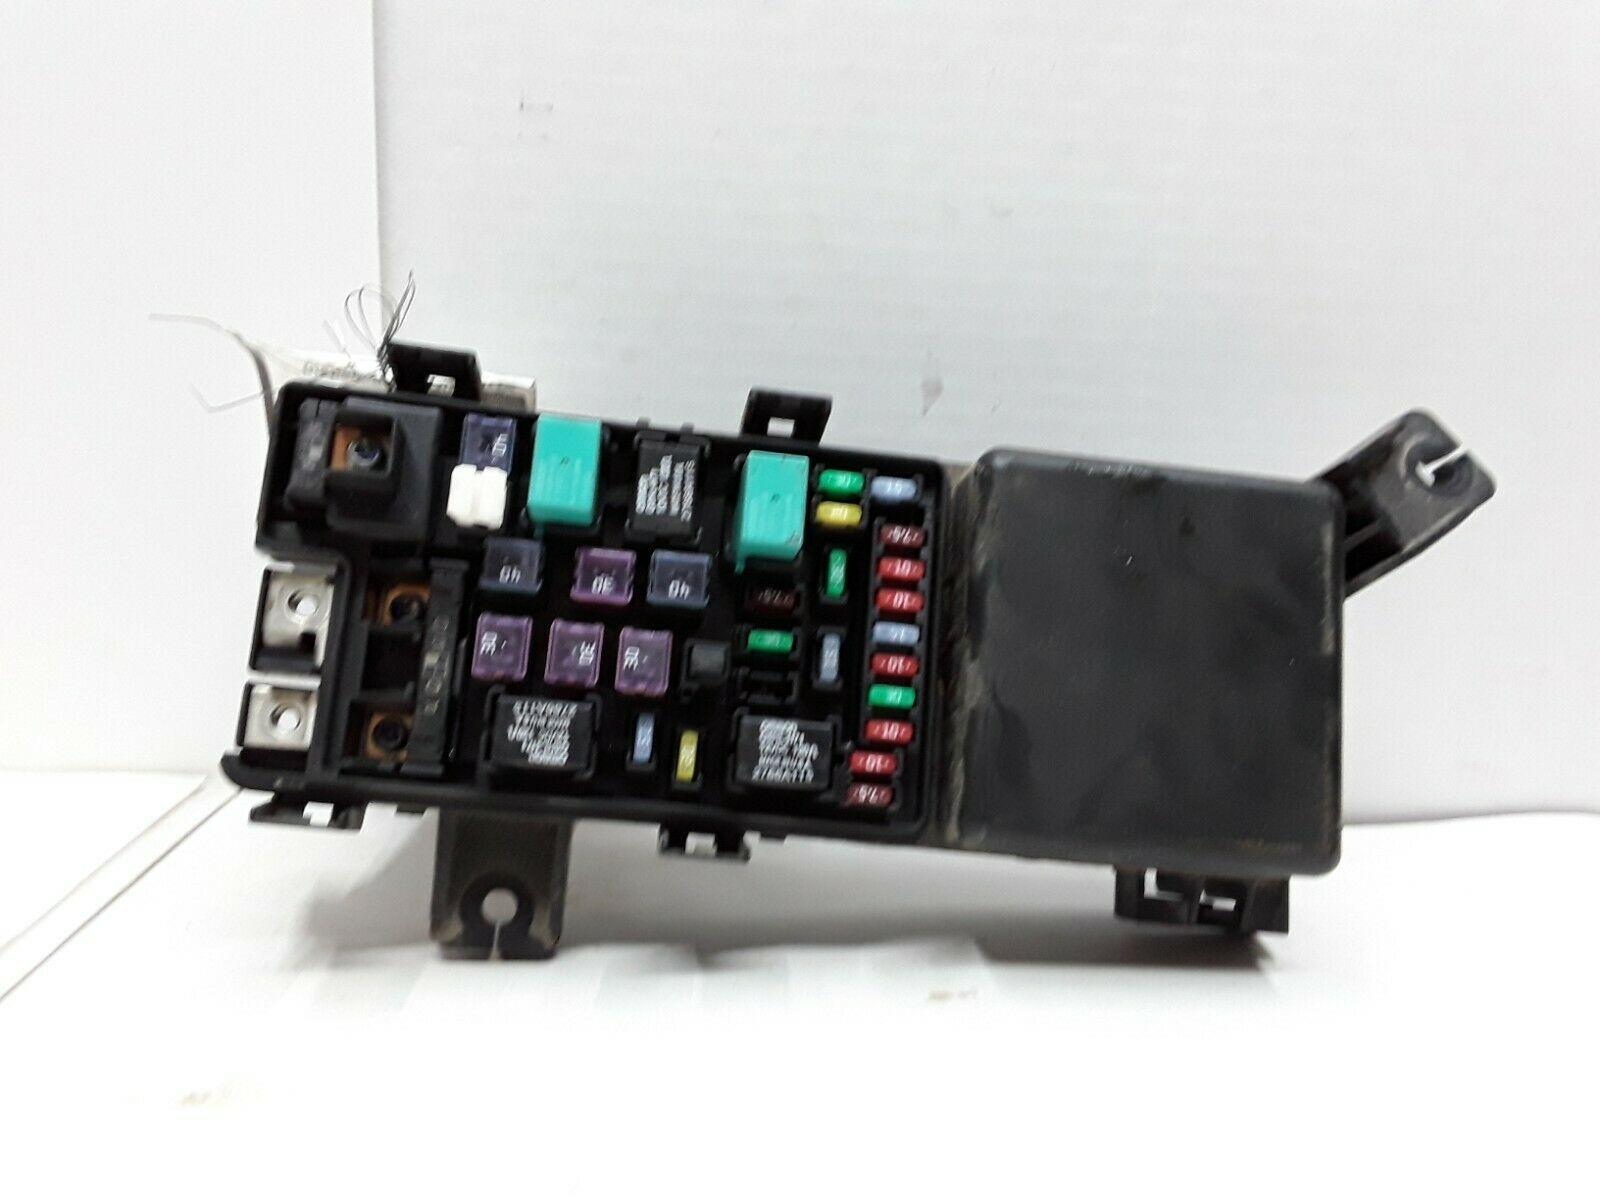 05 06 07 08 09 10 Honda Odyssey Touring Fuse Box Engine